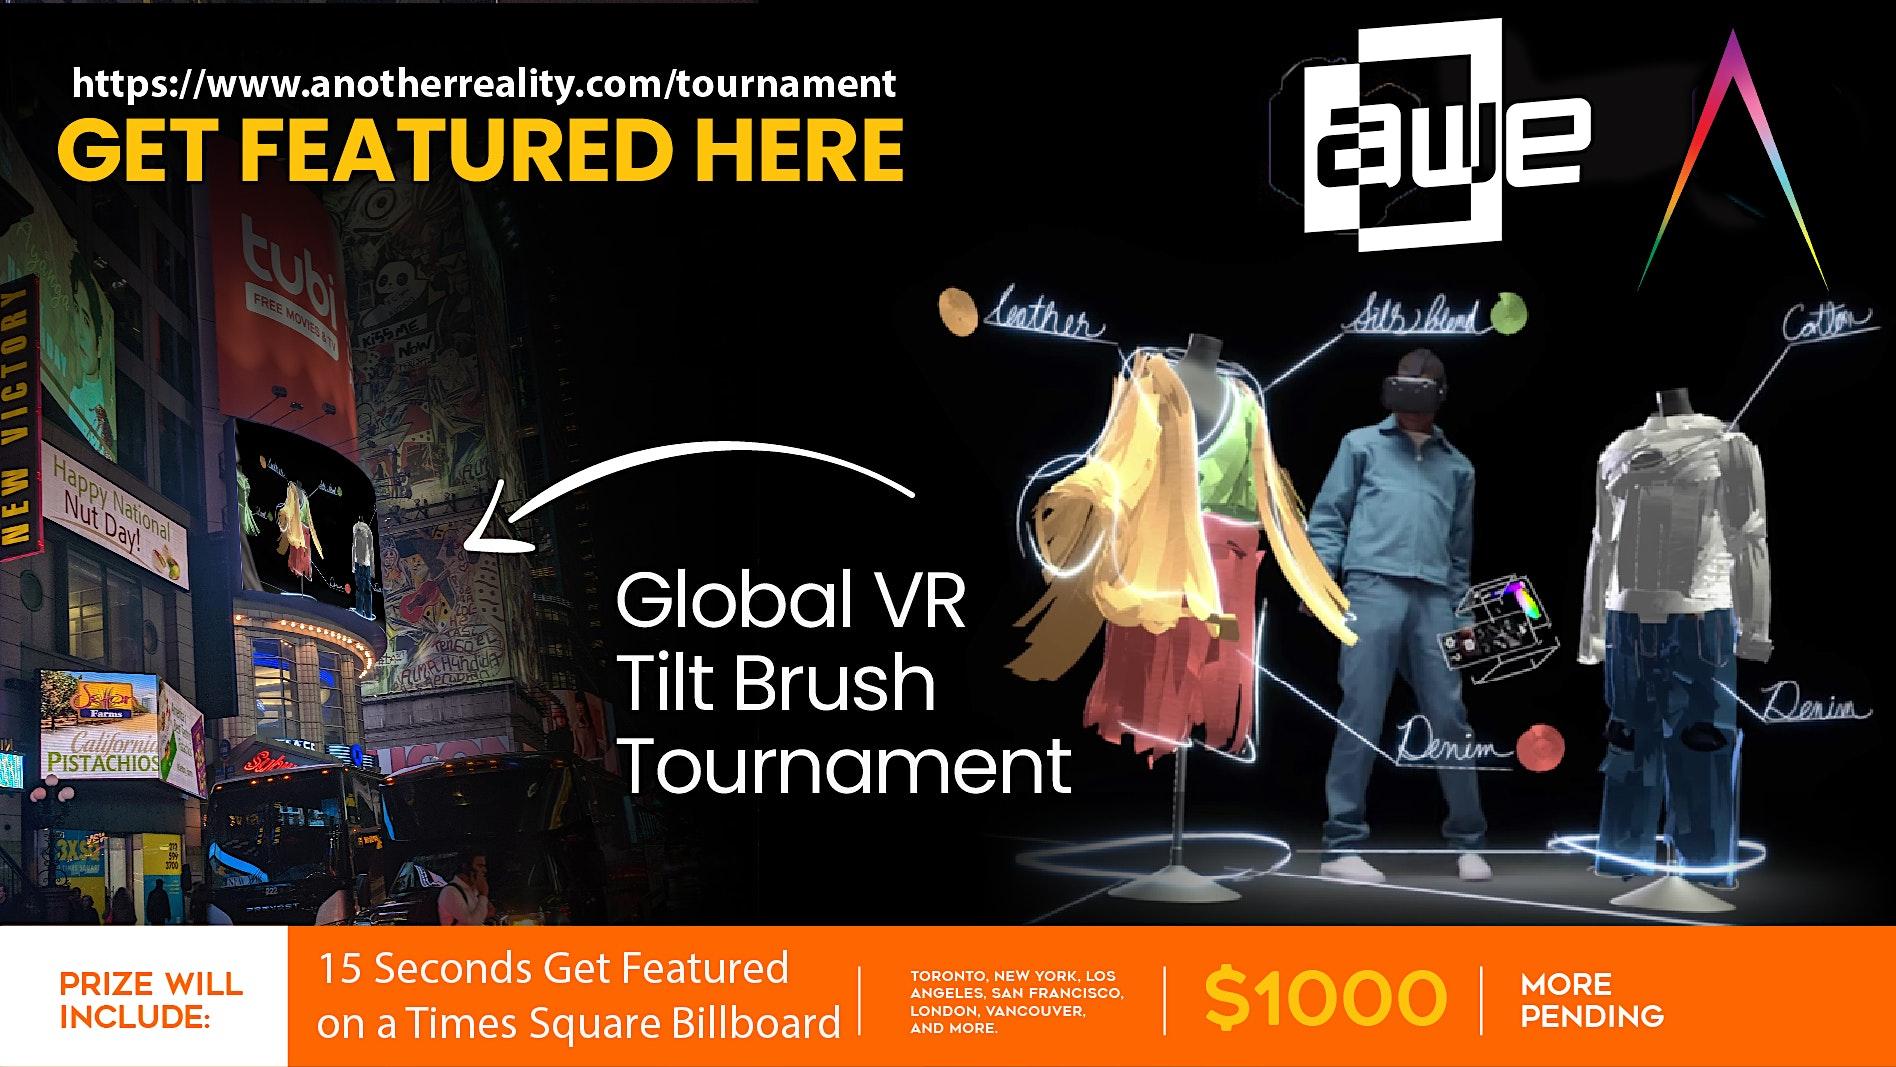 Global Tilt Brush Art Fest and Tournament- Toronto